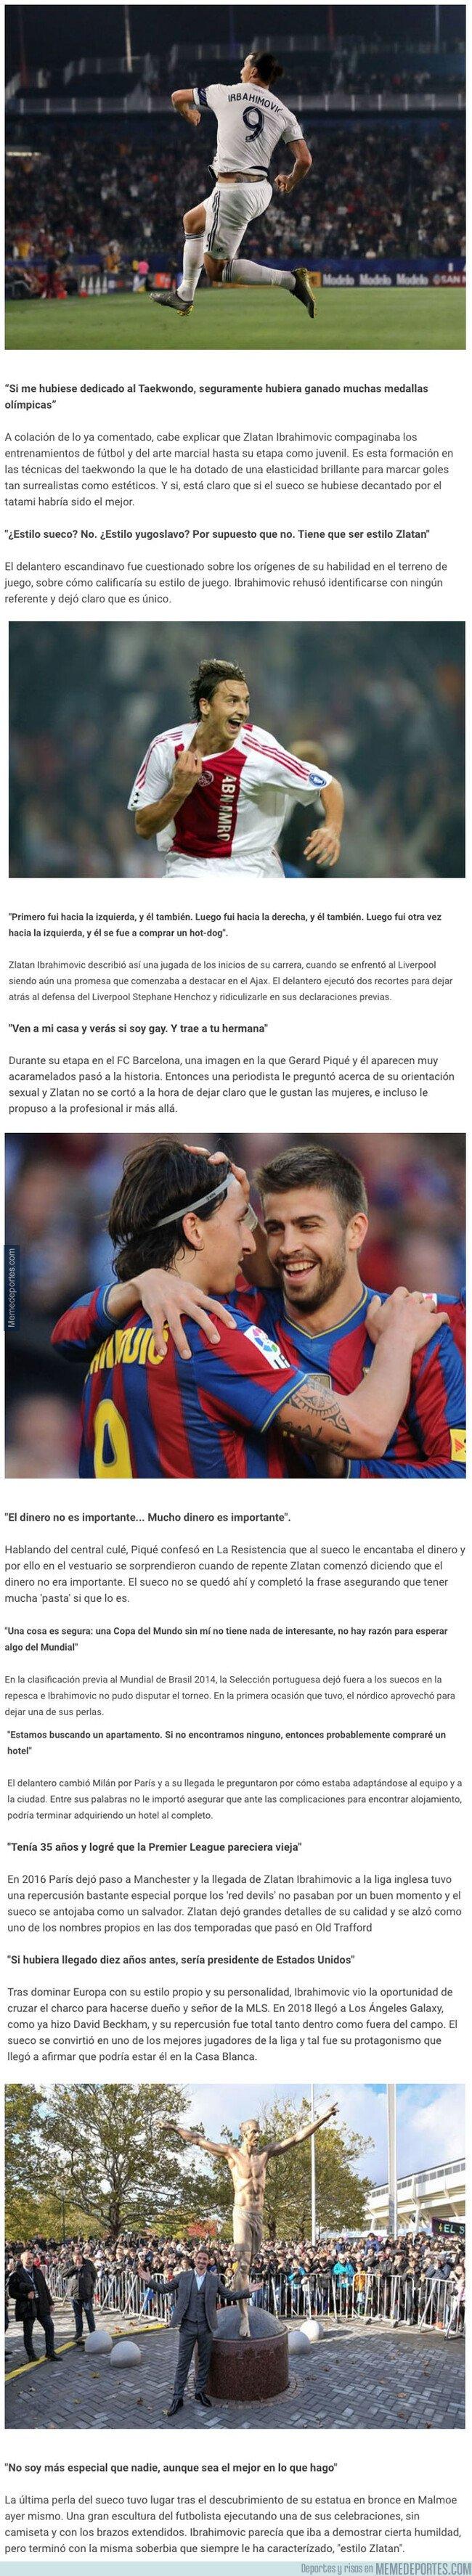 1088033 - Las 10 mejores frases de Zlatan Ibrahimovic a lo largo de su carrera